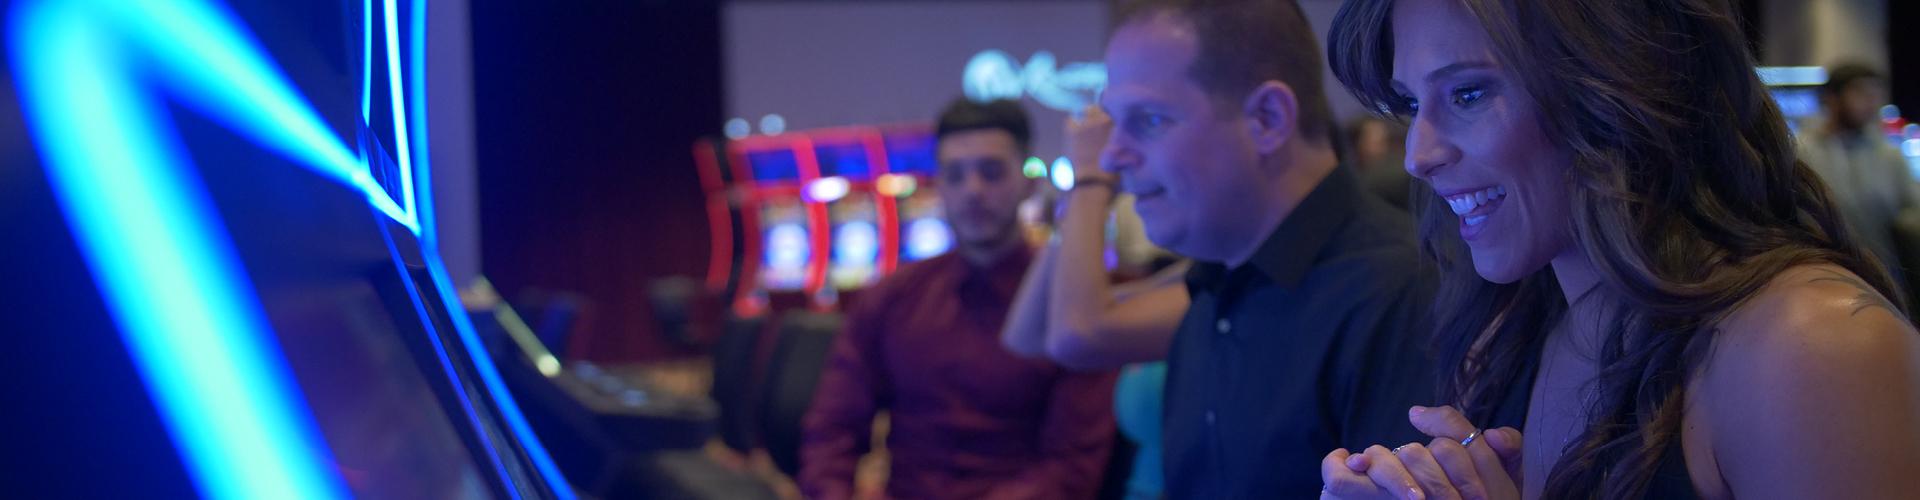 Resorts World NYC Casino Players